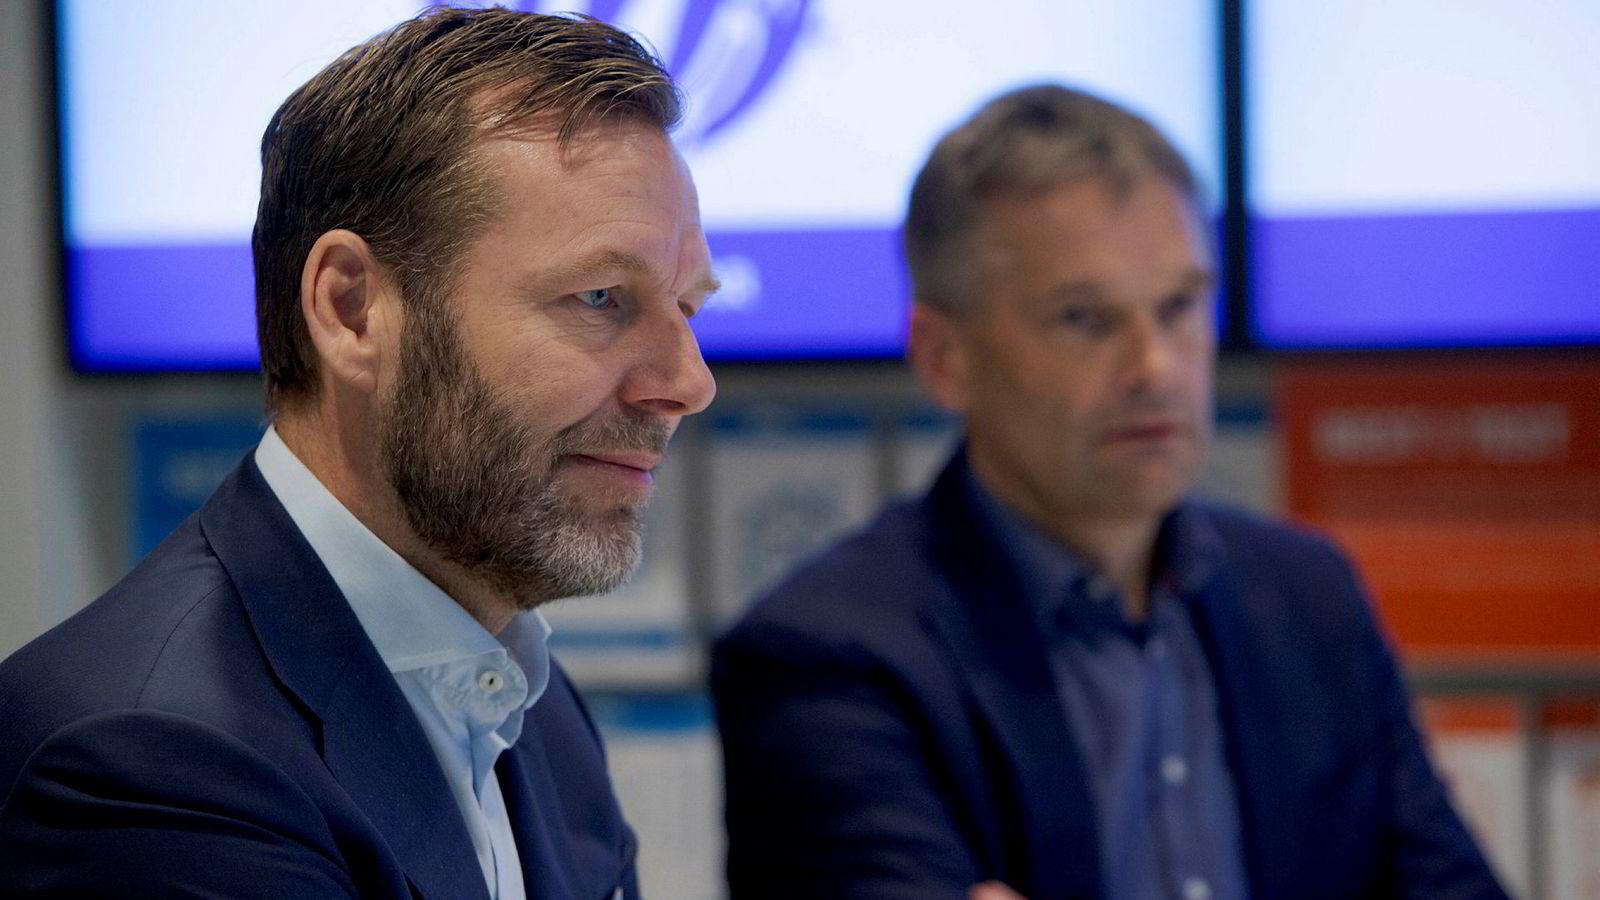 - Prinsipielt er det en bra diskusjon, men den skal ikke handle om ett selskap, sier konsernsjef Johan Dennelind i Telia til venstre. Til høyre; administrerende direktør Abraham Foss i Telia Norge